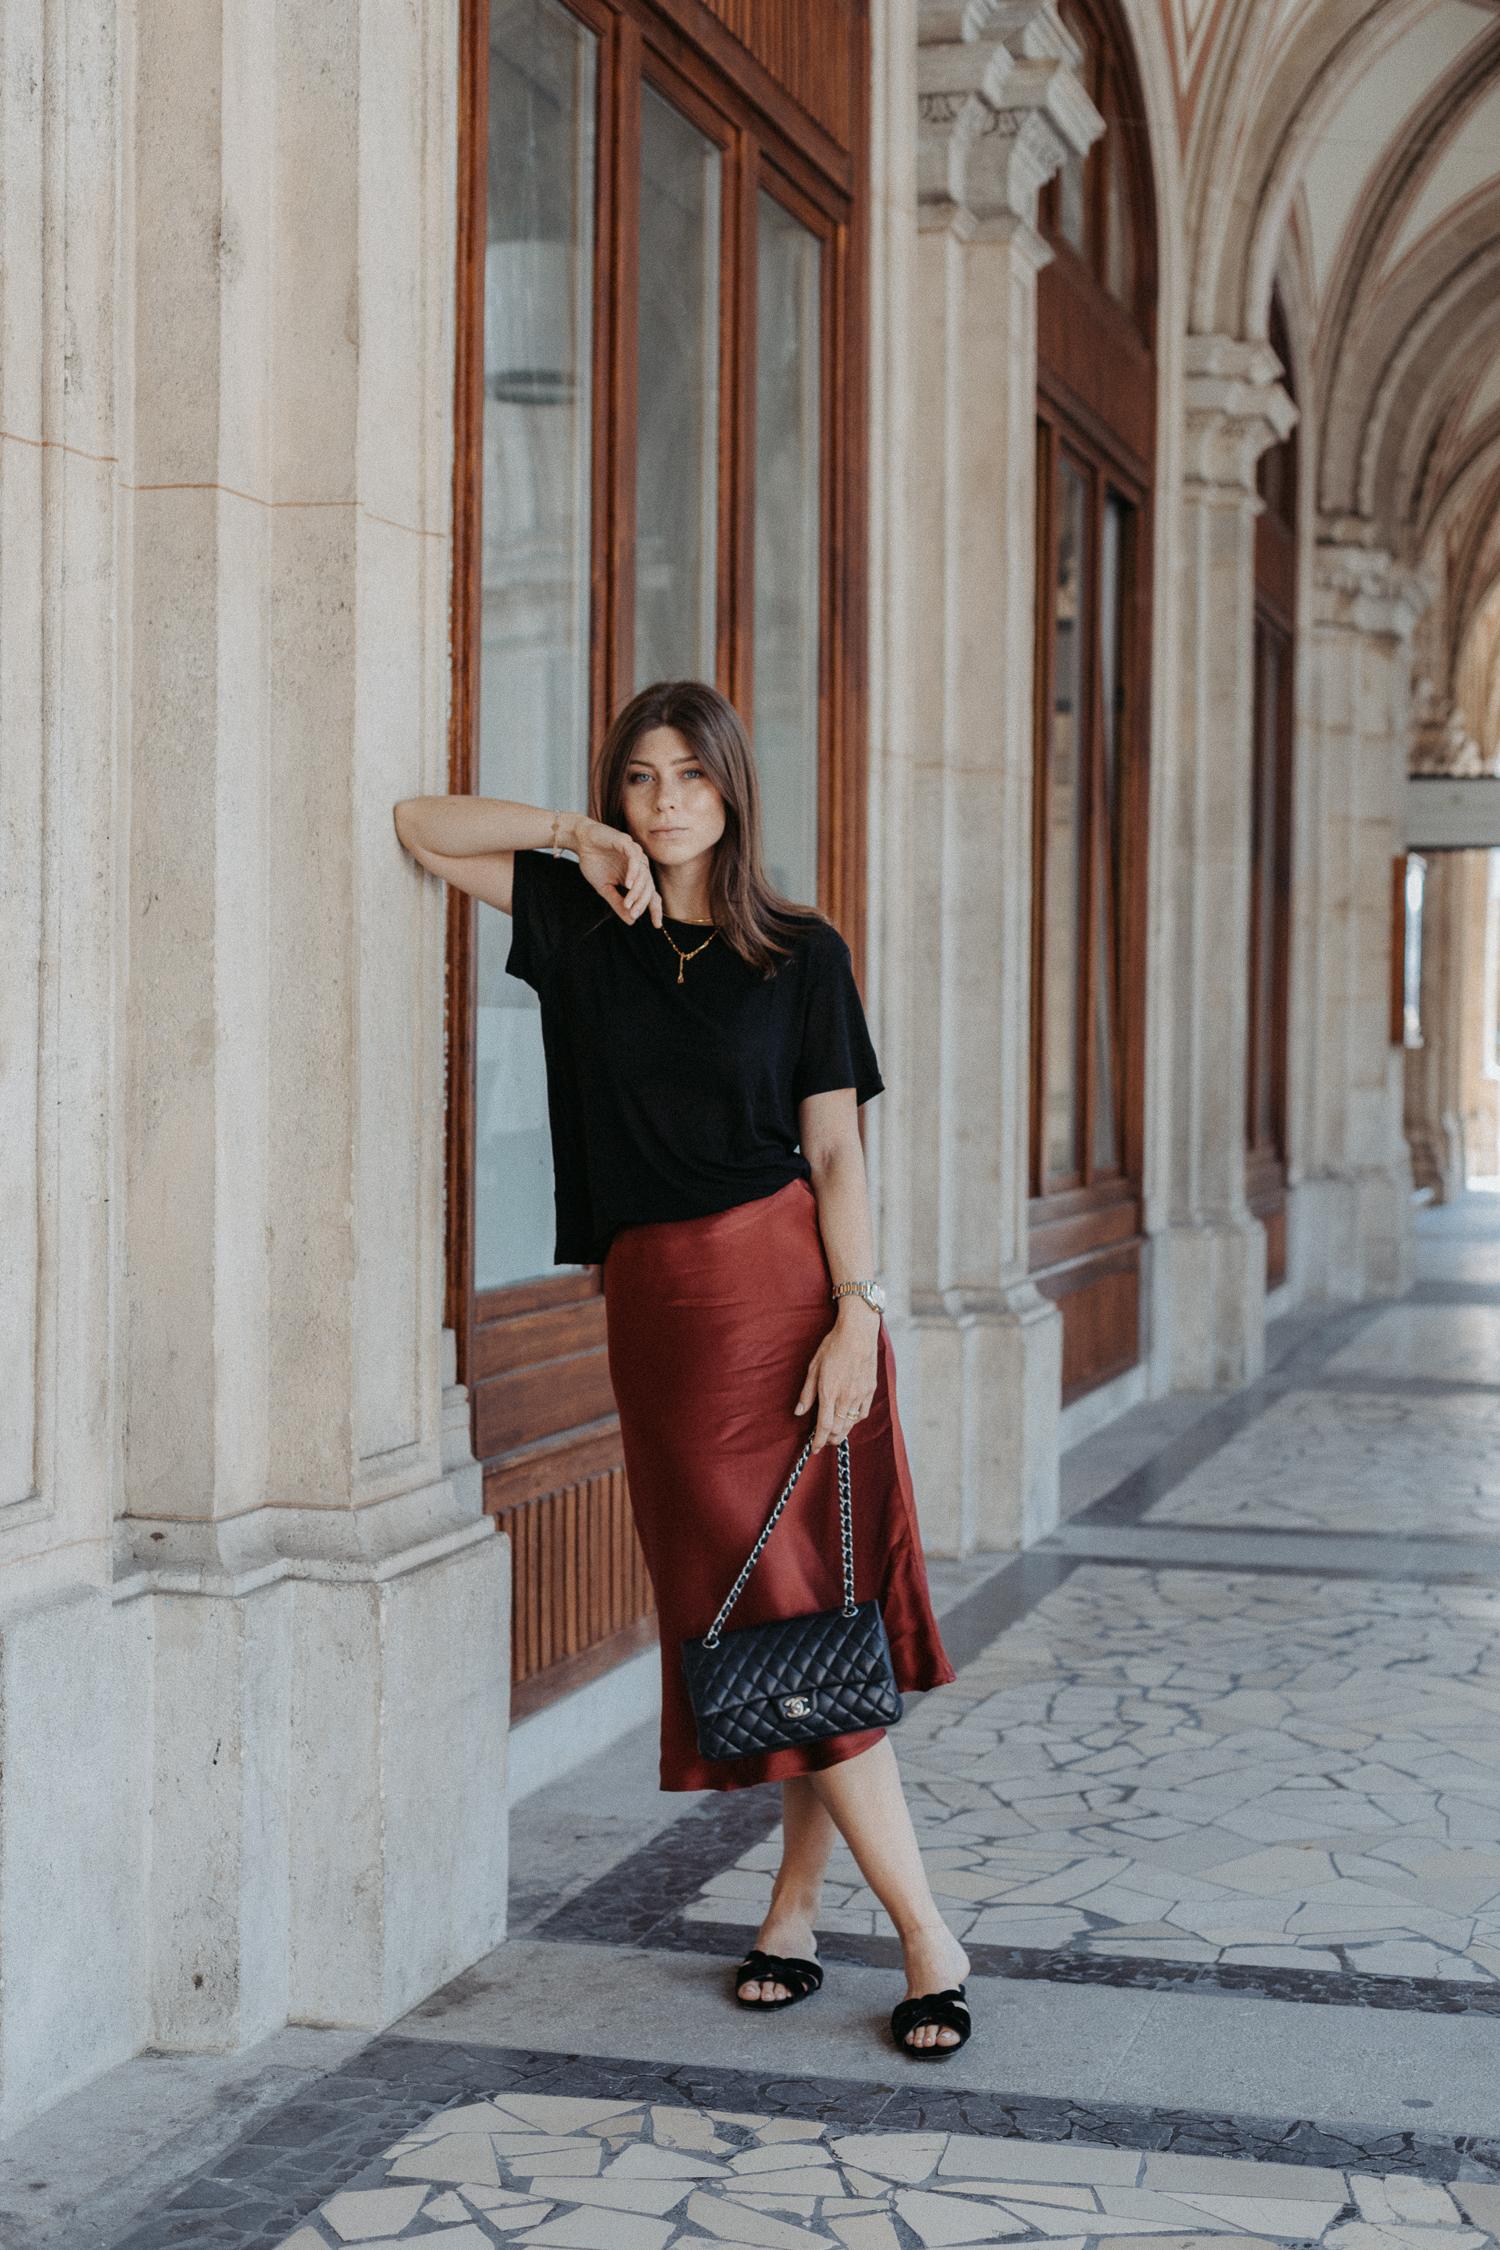 Red silk skirt, midi skirt | Bikinis & Passports